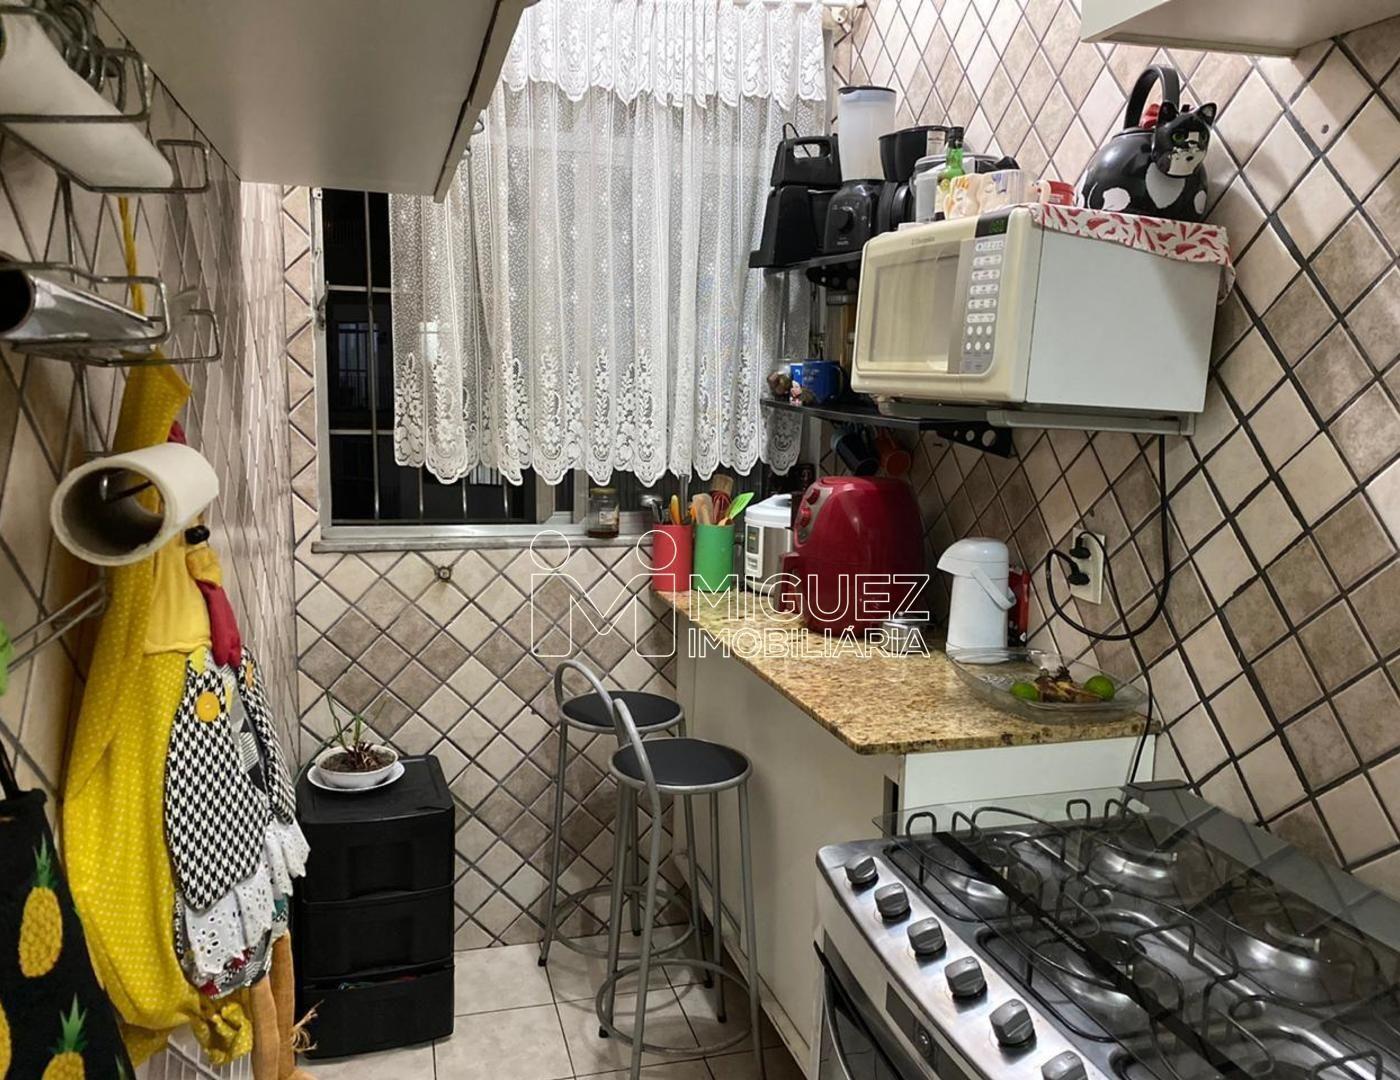 Cobertura, venda, Avenida Marechal Rondon - São Francisco Xavier , Rio de janeiro